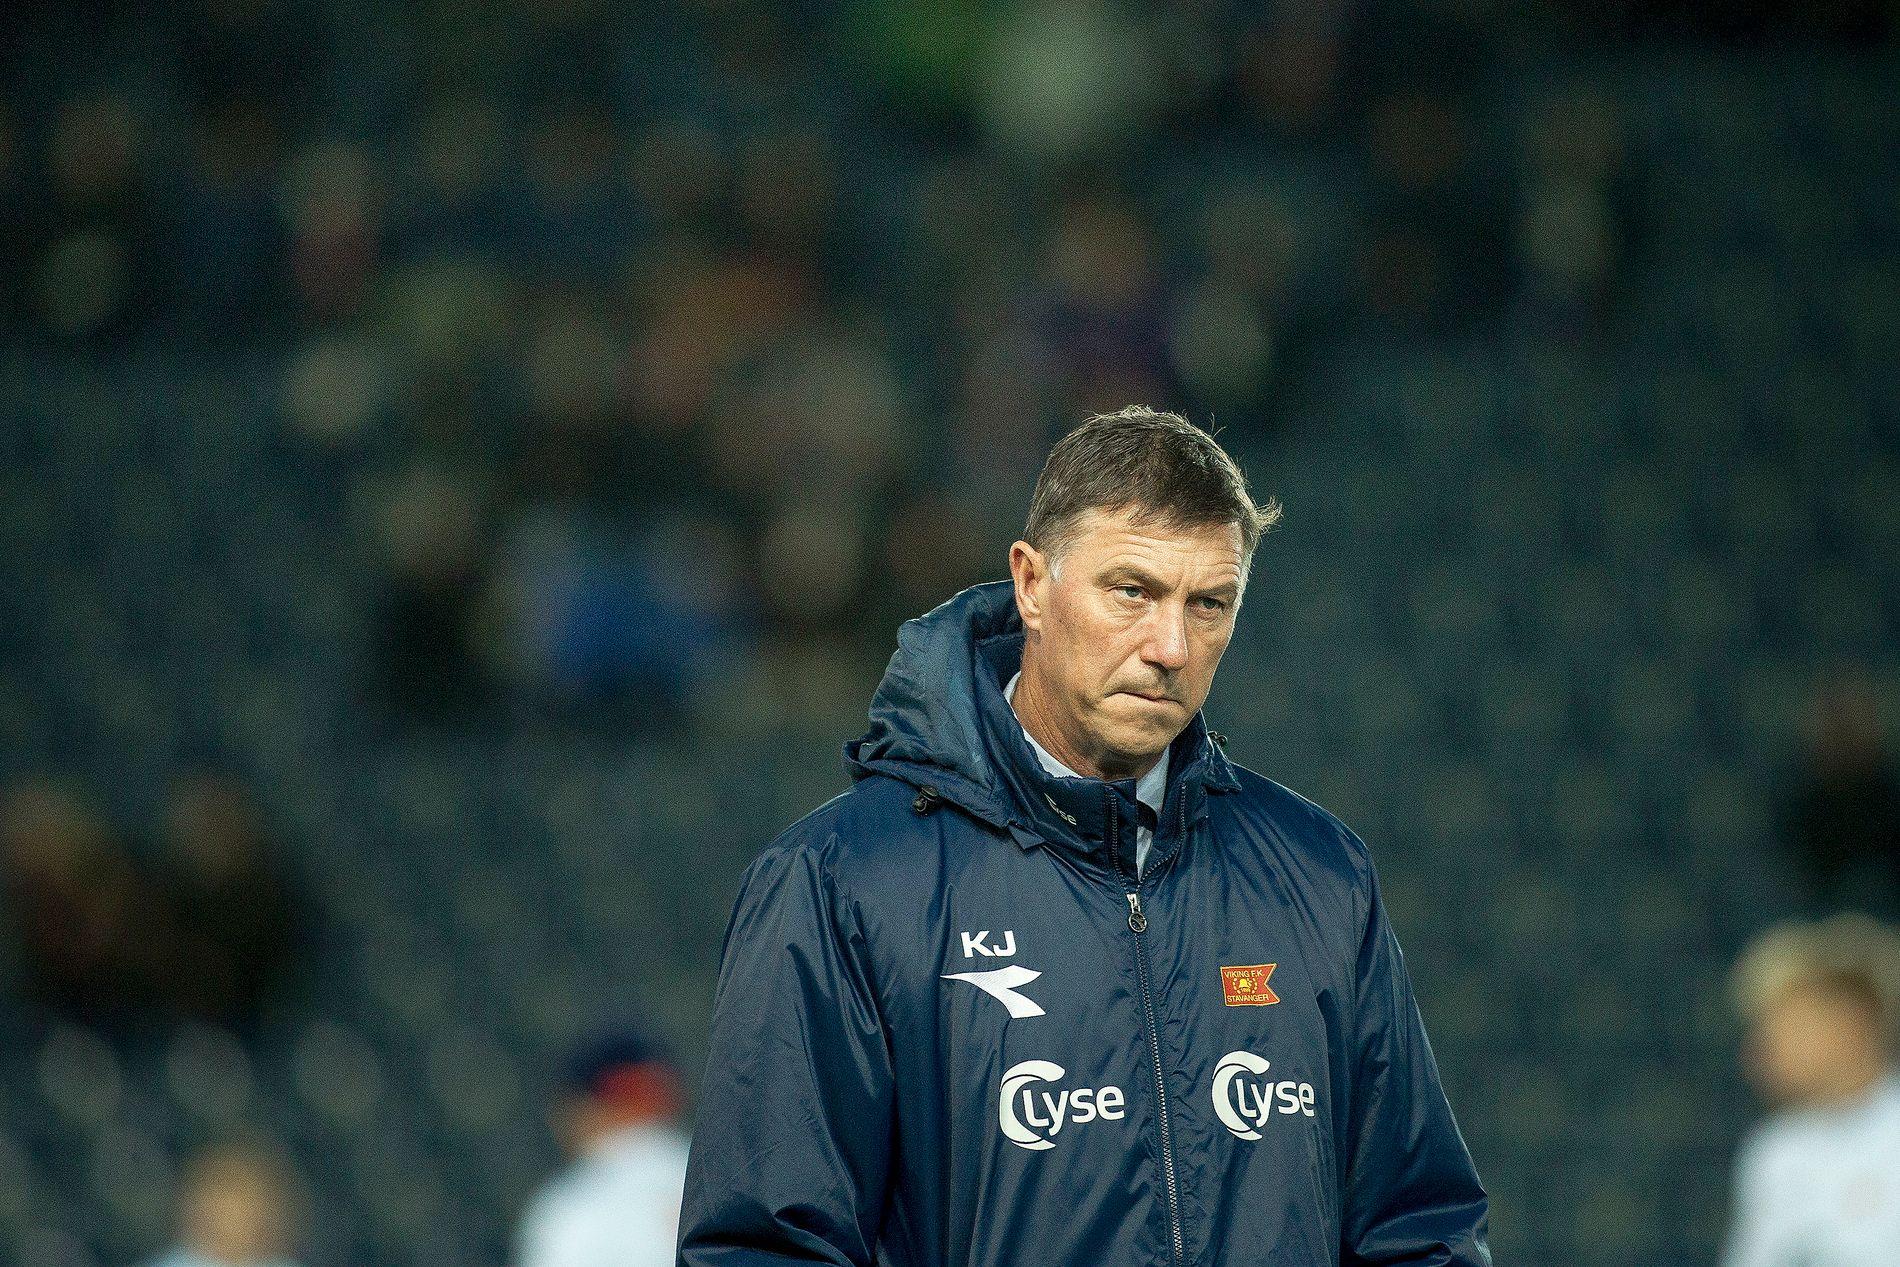 AVSLUTNINGEN: Her har Kjell Jonevret ledet Viking i sin siste kamp. Det endte med 0-2 for Vålerenga hjemme på Viking Stadion for en uke siden.